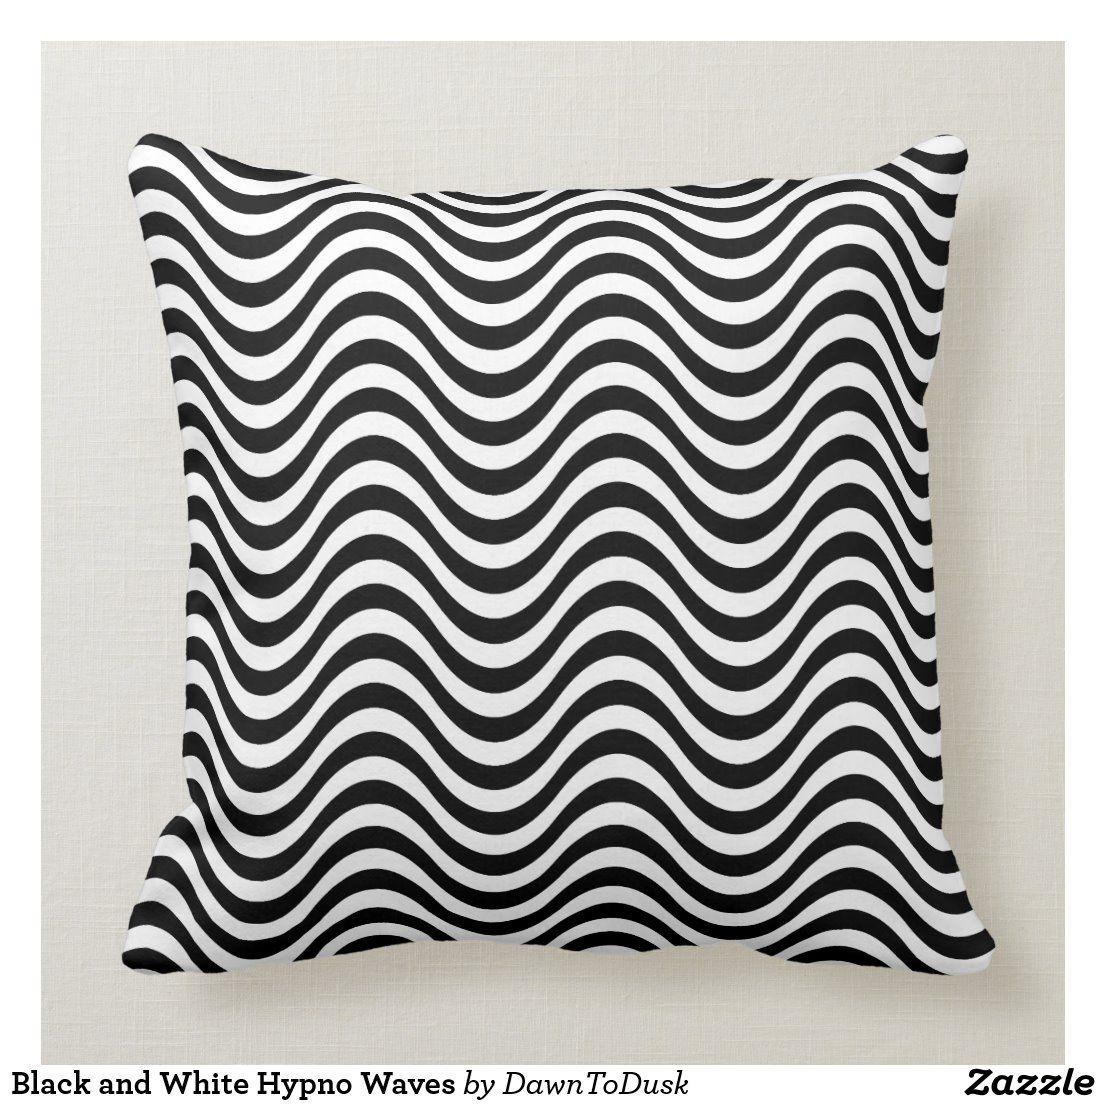 Black And White Hypno Waves Throw Pillow Zazzle Com Throw Pillows Fish Throw Pillow Pillows